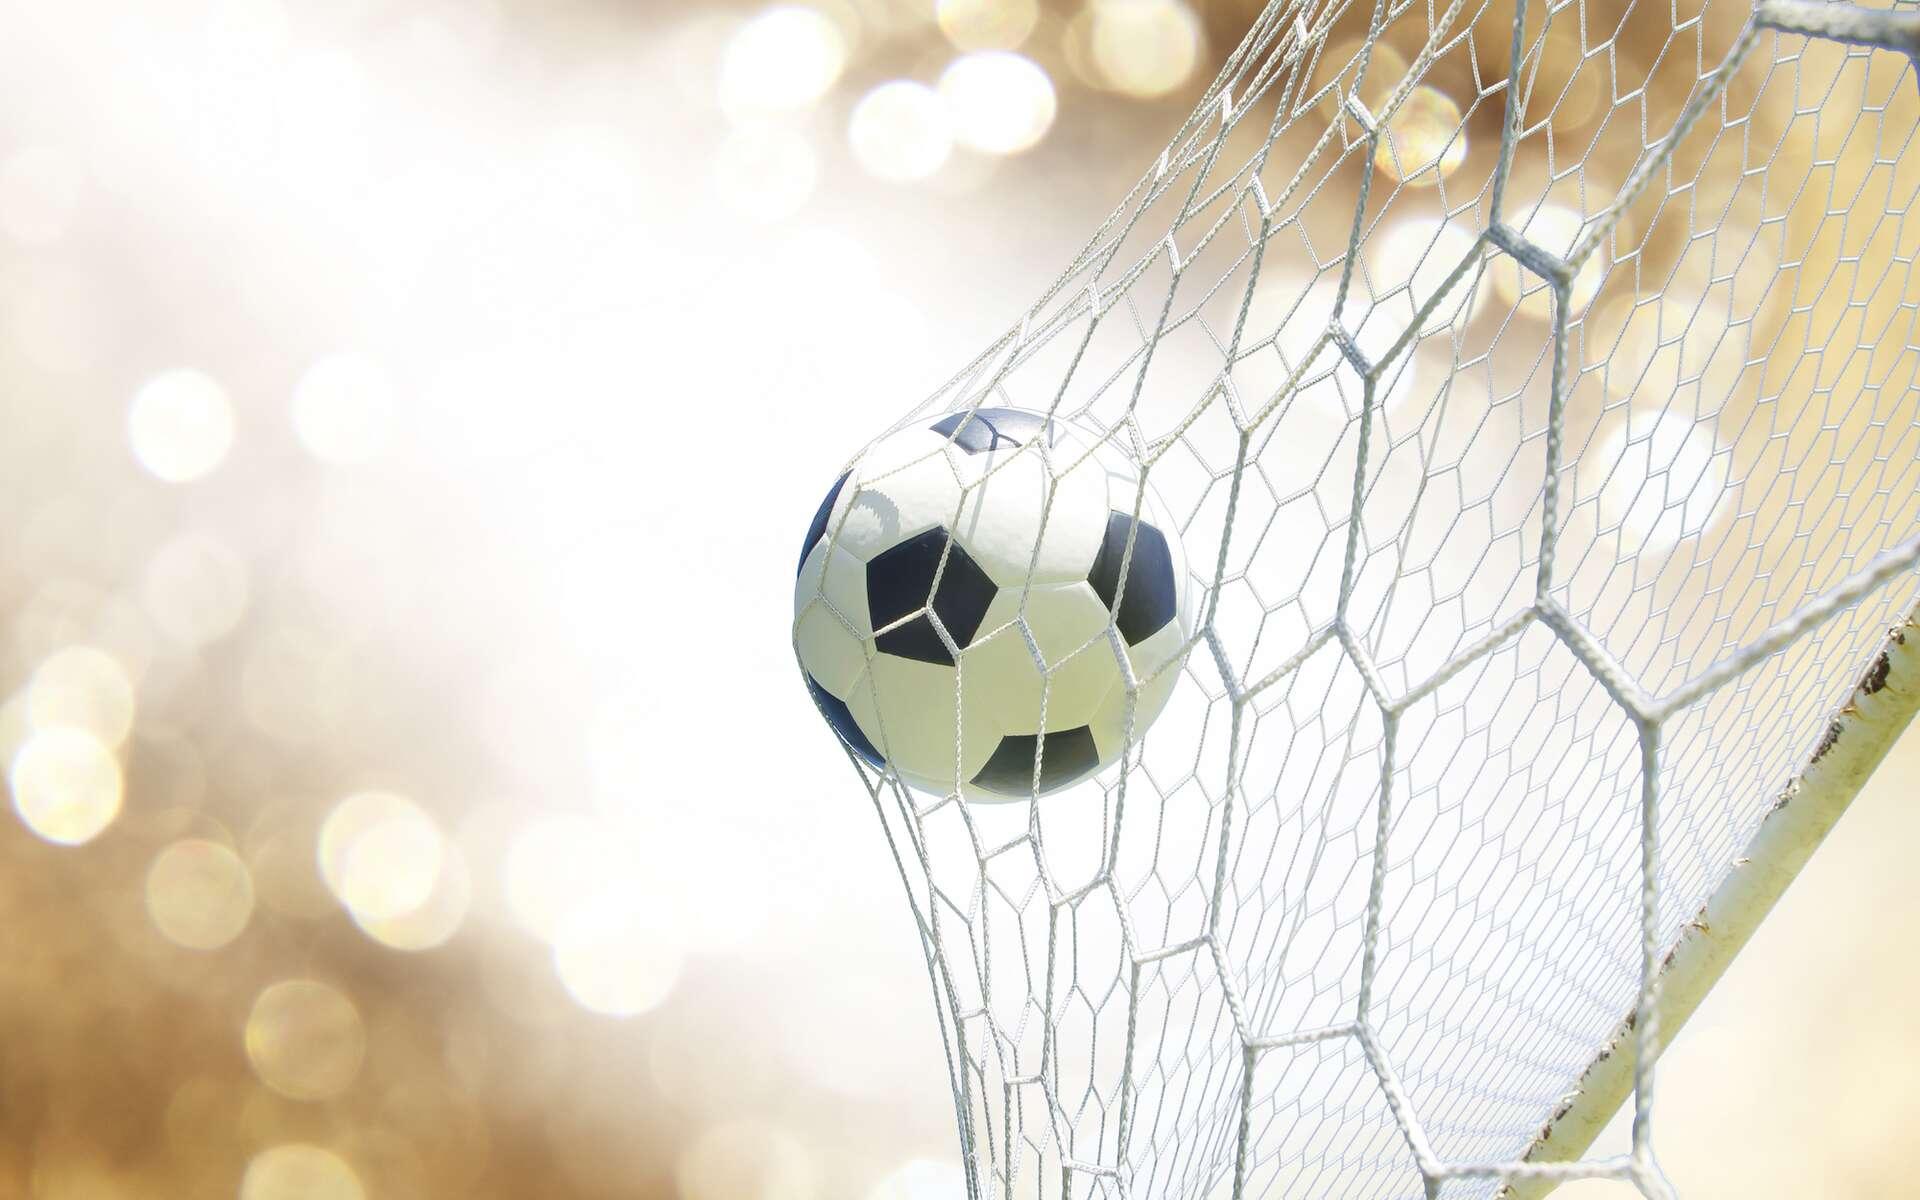 La goal-line technology, sélectionnée par la Fifa, repose sur un système de caméras de surveillance. © SOMKKU, Shutterstock